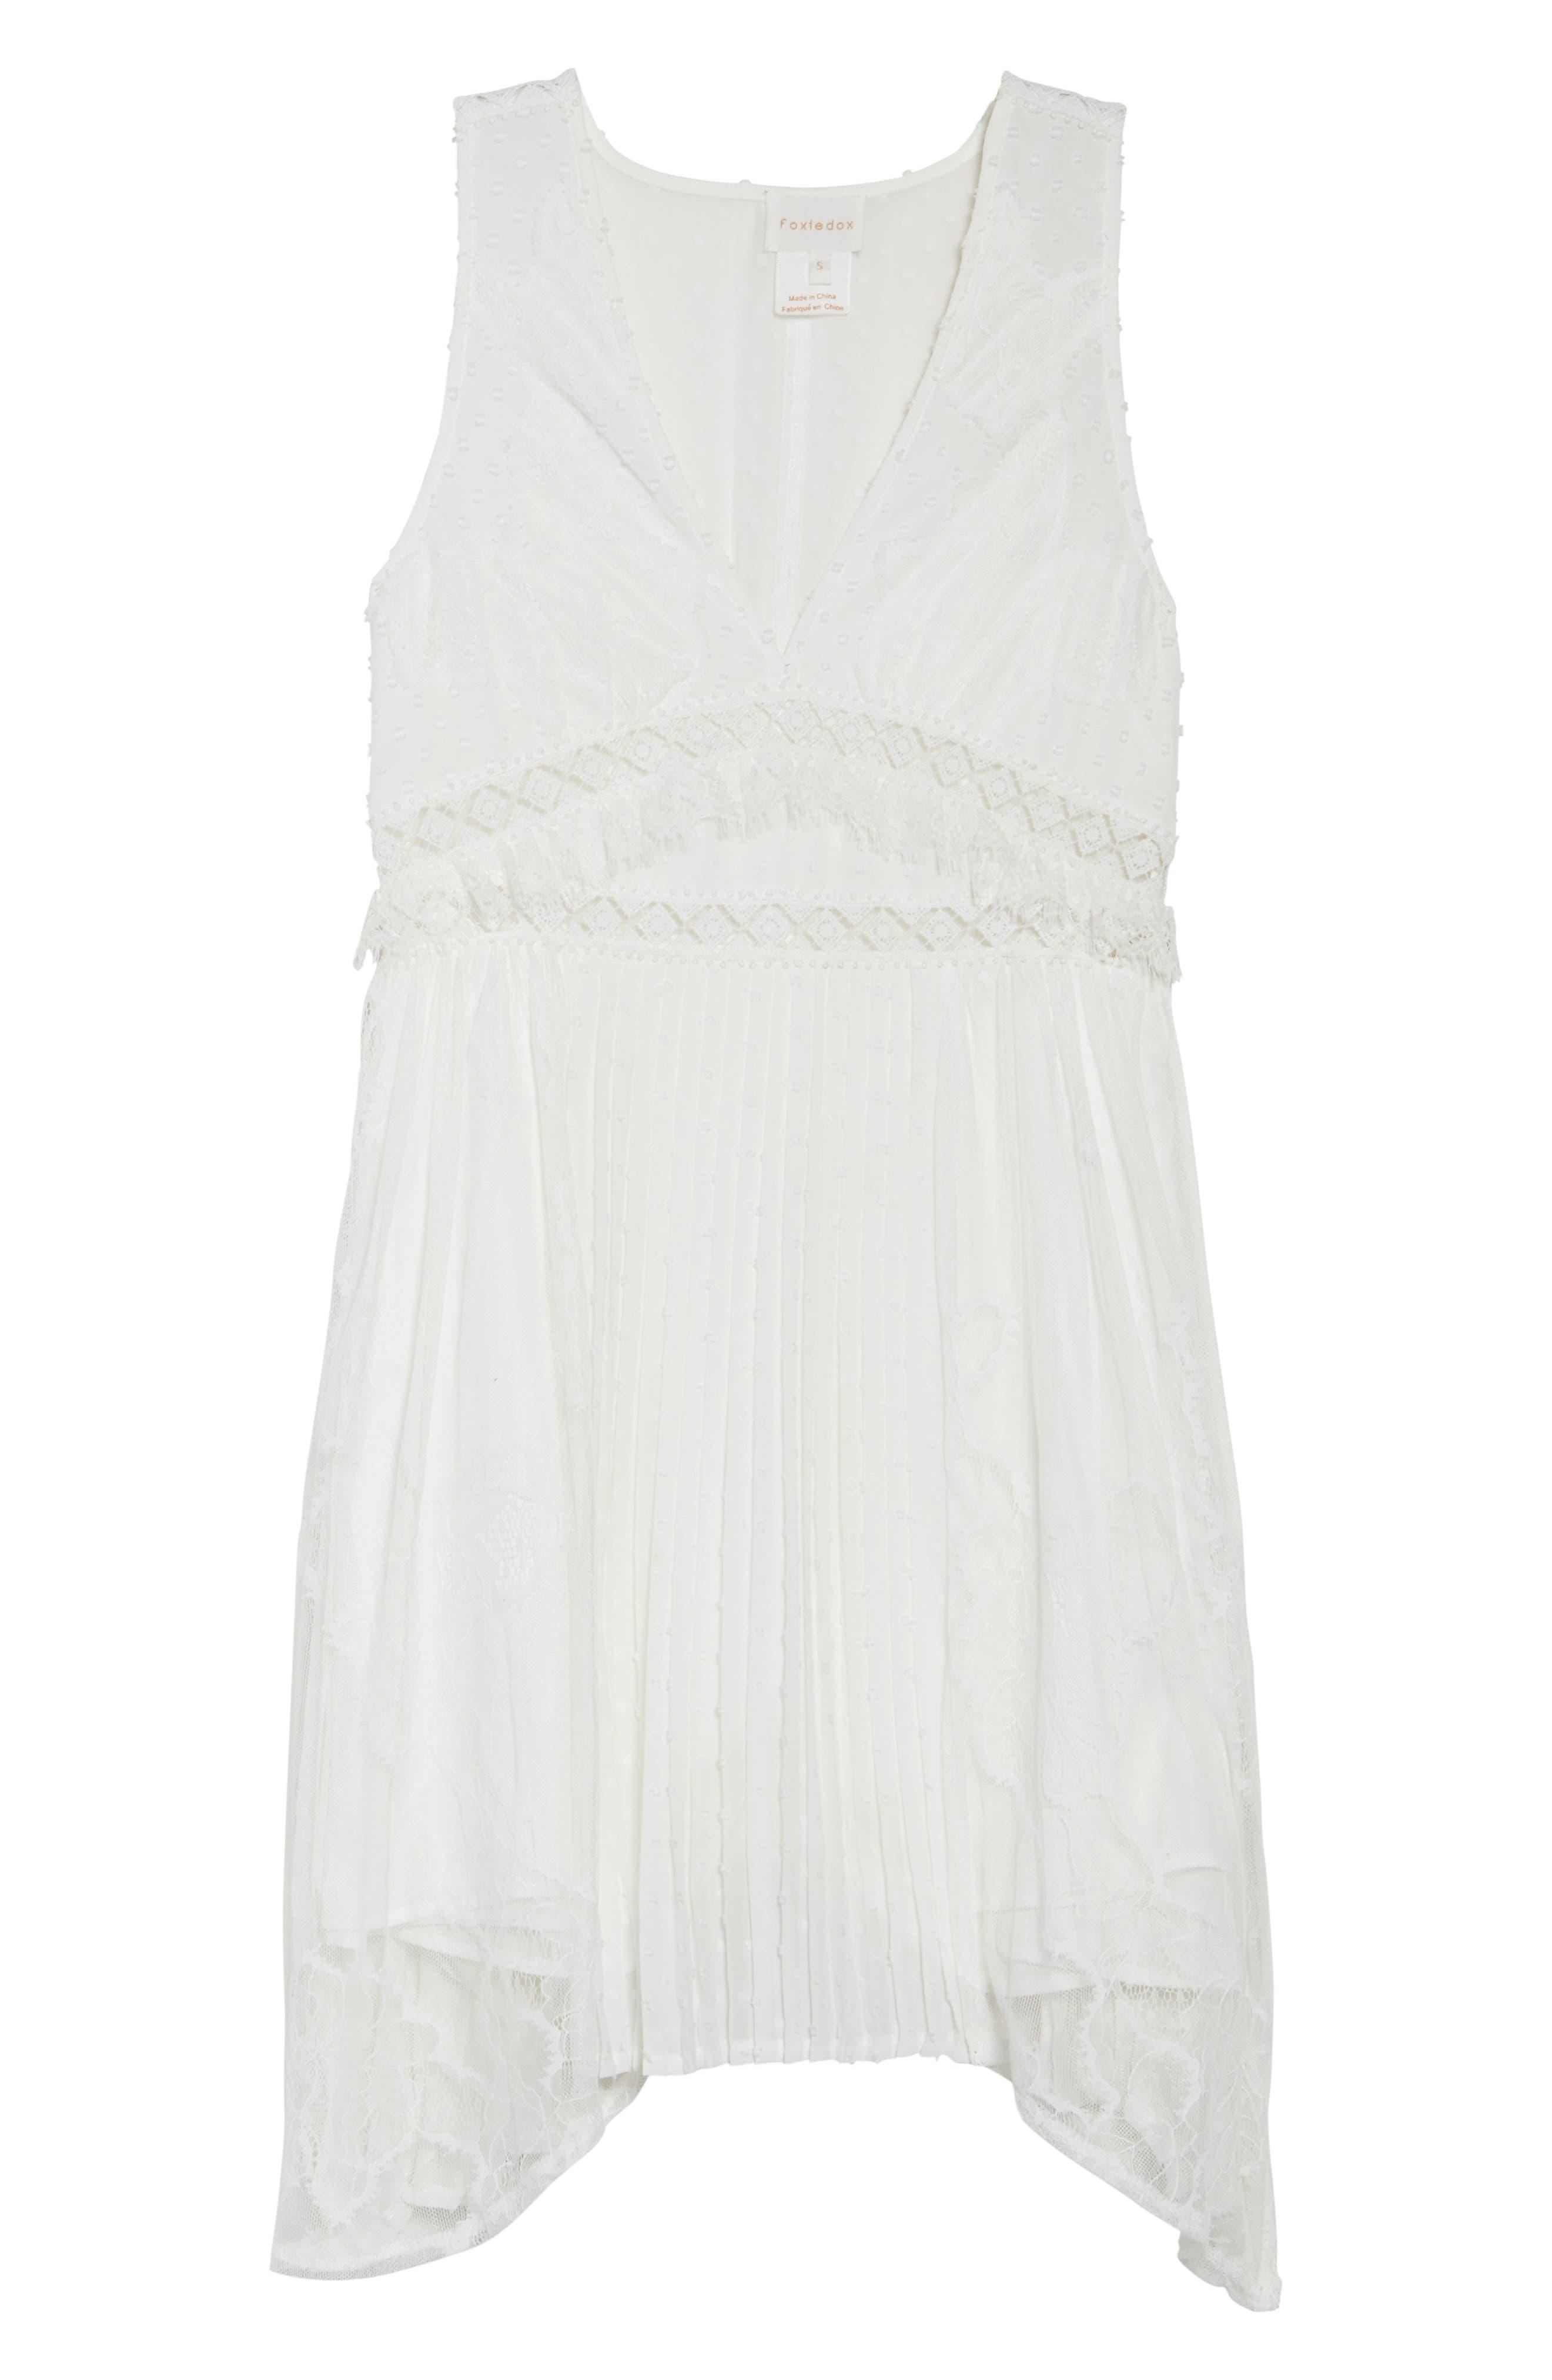 Babette Lace Inset Party Dress,                             Alternate thumbnail 6, color,                             100